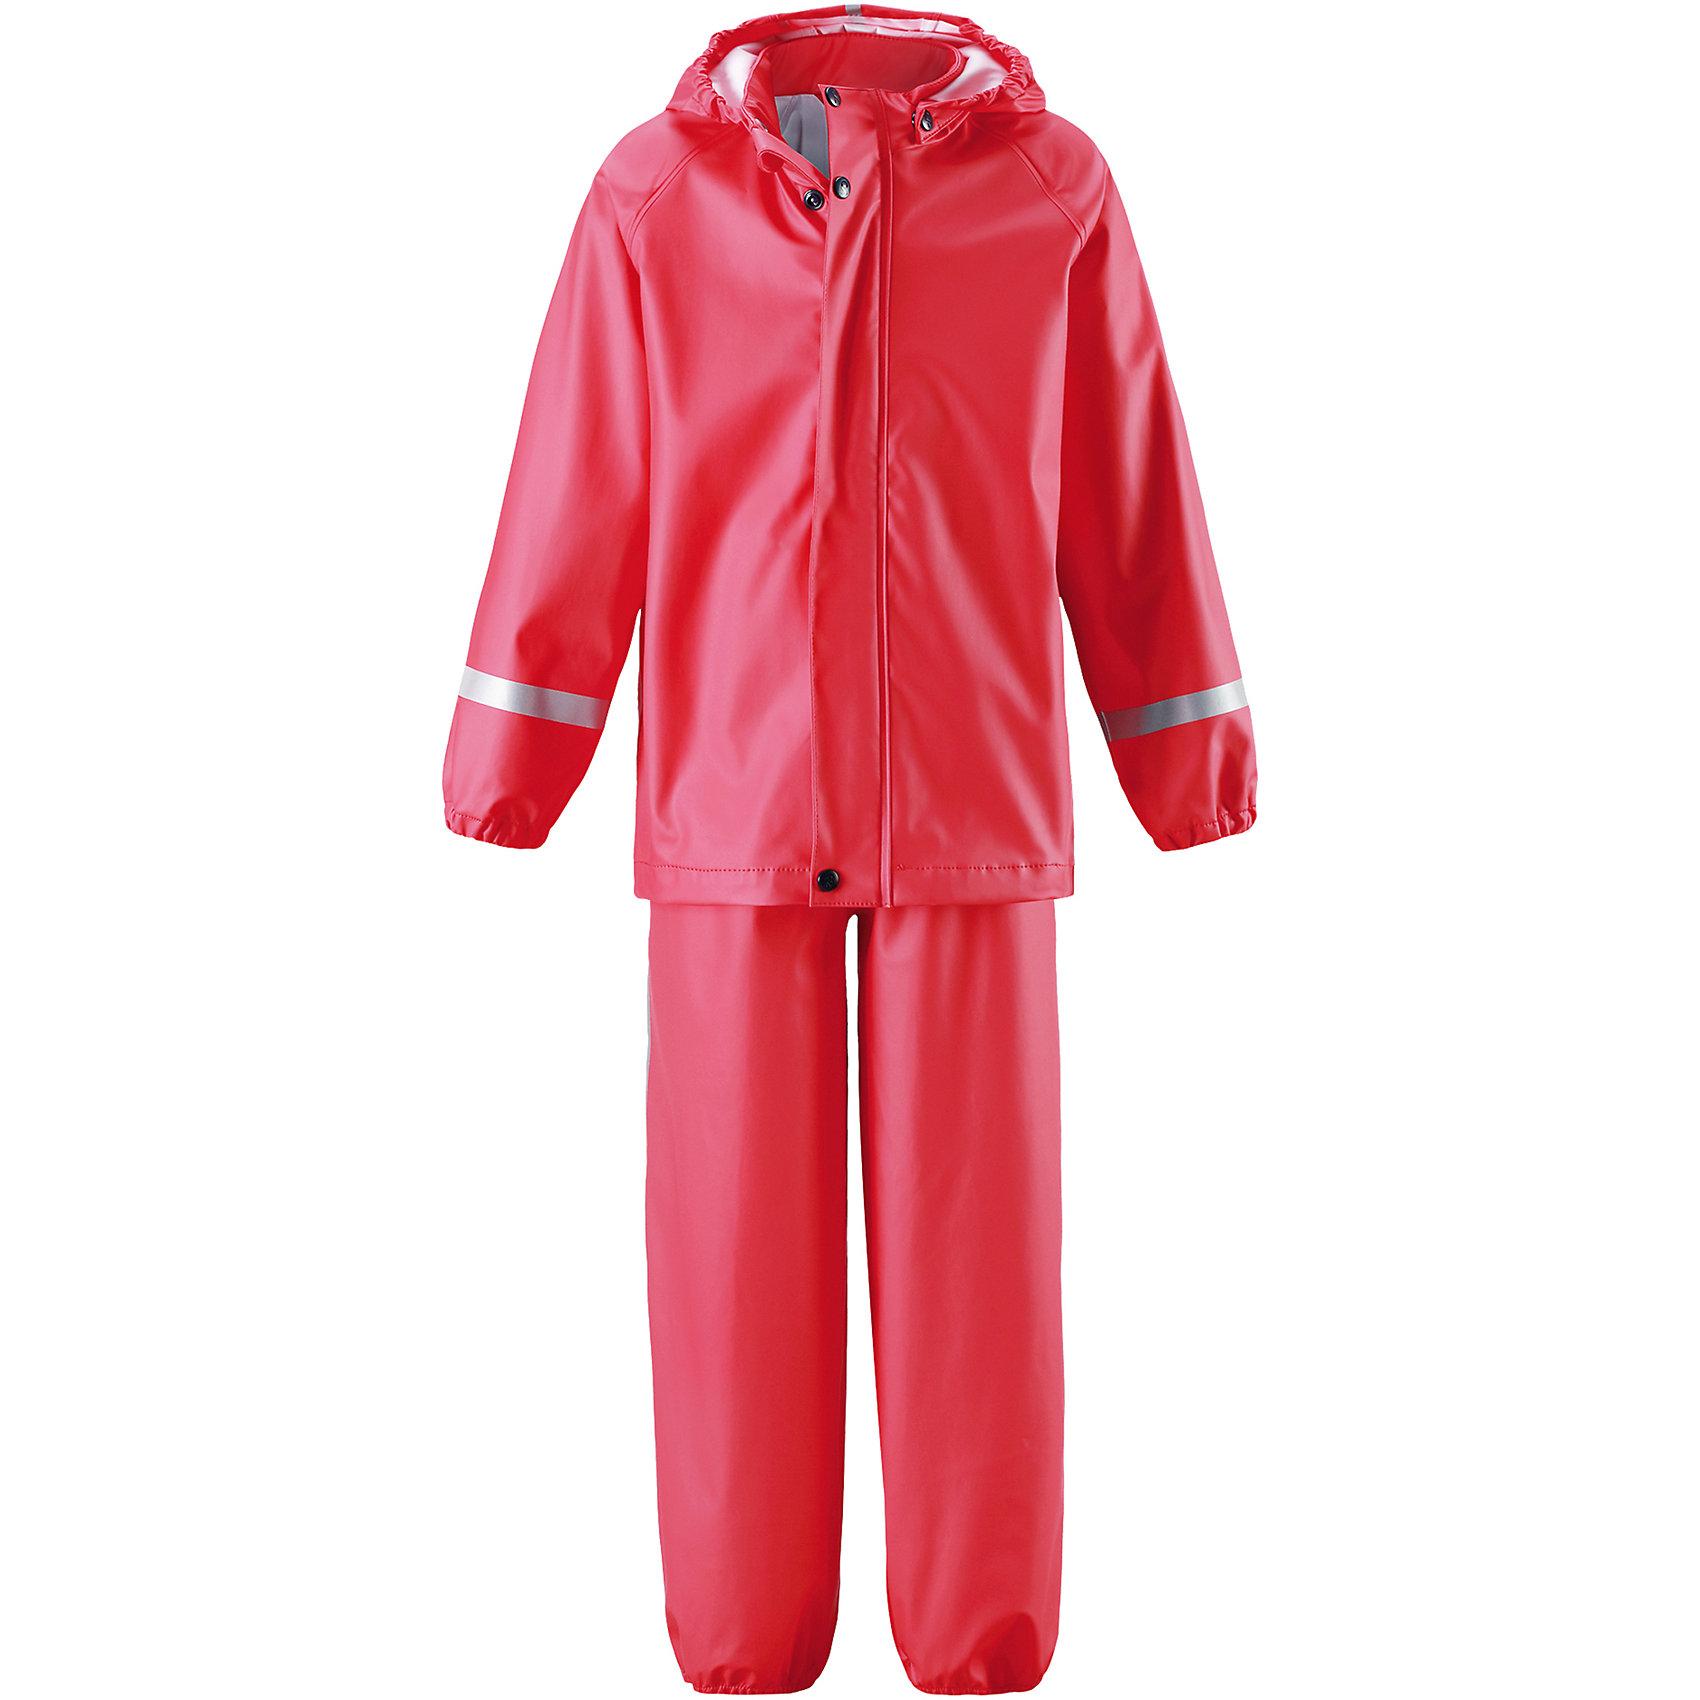 Непромокаемый комплект Viima: куртка и брюки для девочки ReimaОдежда<br>Характеристики товара:<br><br>• цвет: красный<br>• состав: 100% полиэстер, полиуретановое покрытие<br>• температурный режим: от +10°до +20°С<br>• водонепроницаемость: 10000 мм<br>• без утеплителя<br>• комплектация: куртка, штаны<br>• эластичный материал<br>• водонепроницаемый материал с запаянными швами<br>• не содержит ПВХ<br>• безопасный съемный капюшон<br>• эластичные манжеты <br>• обхват талии эластичный<br>• эластичные манжеты на брючинах<br>• комфортная посадка<br>• съемные штрипки в размерах от 104 до 128 см<br>• молния спереди<br>• светоотражающие детали<br>• страна производства: Китай<br>• страна бренда: Финляндия<br>• коллекция: весна-лето 2017<br><br>Демисезонный комплект из куртки и штанов поможет обеспечить ребенку комфорт и тепло. Предметы отлично смотрятся с различной одеждой. Комплект удобно сидит и модно выглядит. Материал отлично подходит для дождливой погоды. Стильный дизайн разрабатывался специально для детей.<br><br>Обувь и одежда от финского бренда Reima пользуются популярностью во многих странах. Они стильные, качественные и удобные. Для производства продукции используются только безопасные, проверенные материалы и фурнитура. Порадуйте ребенка модными и красивыми вещами от Lassie®! <br><br>Комплект: куртка и брюки для мальчика от финского бренда Reima (Рейма) можно купить в нашем интернет-магазине.<br><br>Ширина мм: 356<br>Глубина мм: 10<br>Высота мм: 245<br>Вес г: 519<br>Цвет: красный<br>Возраст от месяцев: 108<br>Возраст до месяцев: 120<br>Пол: Женский<br>Возраст: Детский<br>Размер: 140,116,122,128,134<br>SKU: 5268222